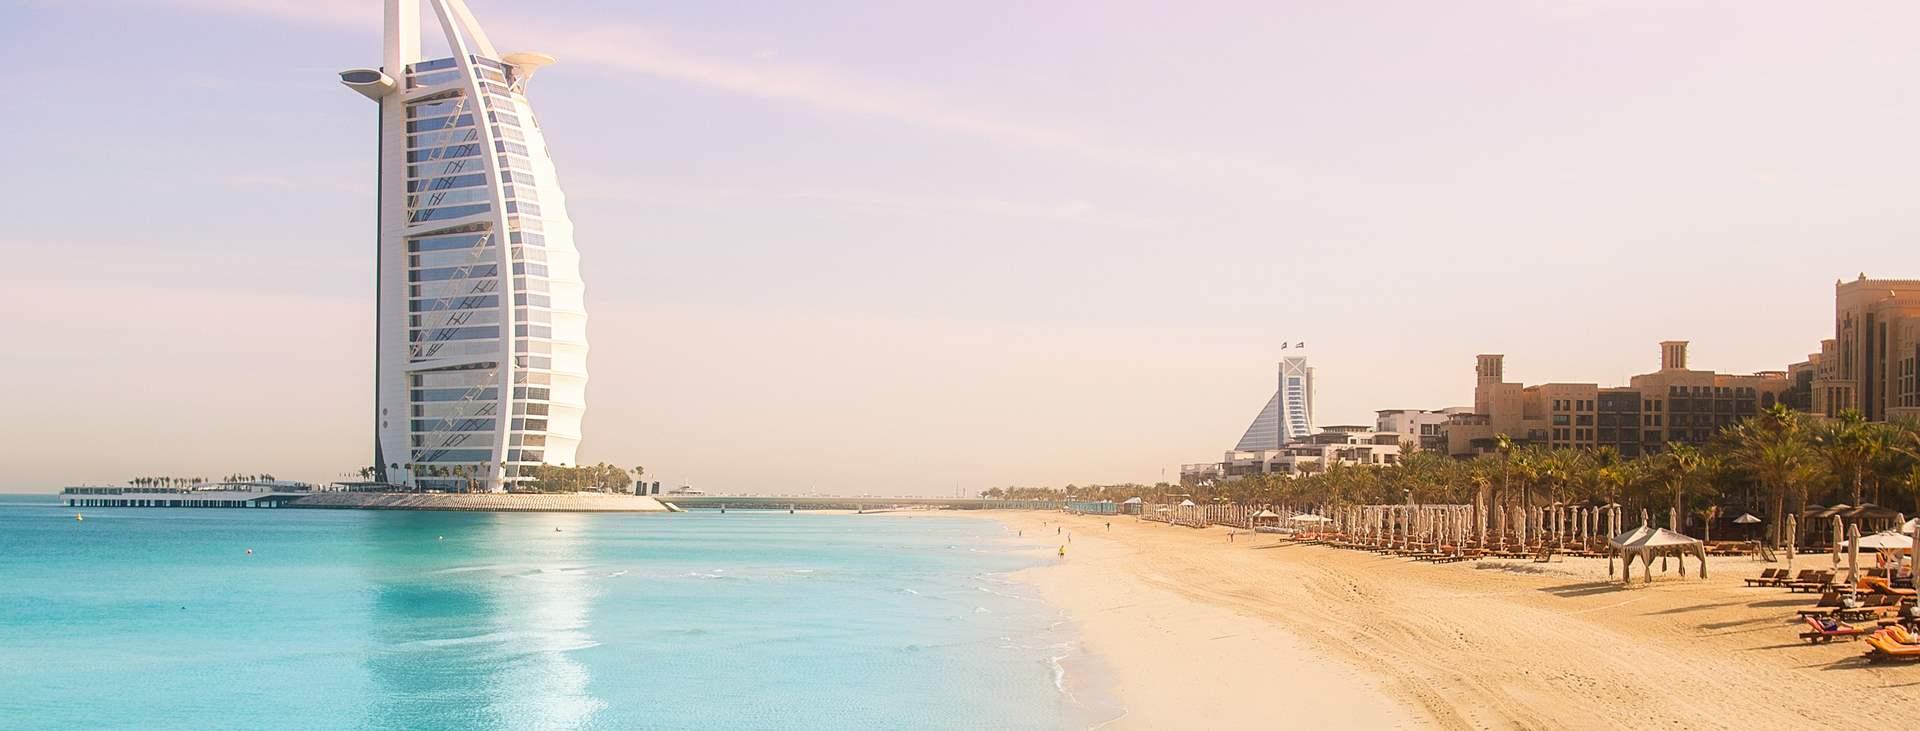 Boka din resa till Dubai med Ving